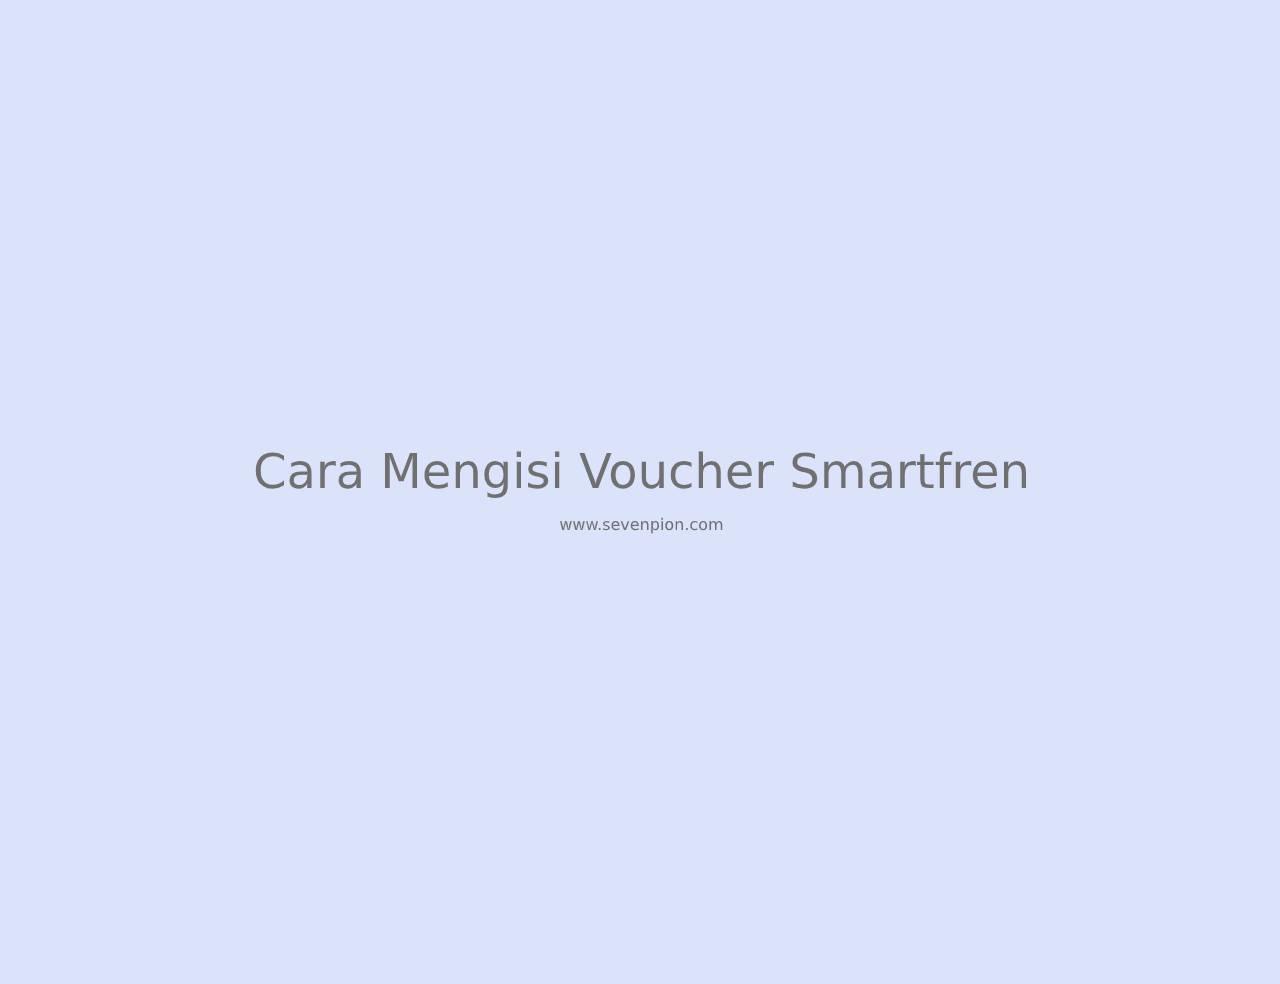 cara mengisi voucher smartfren